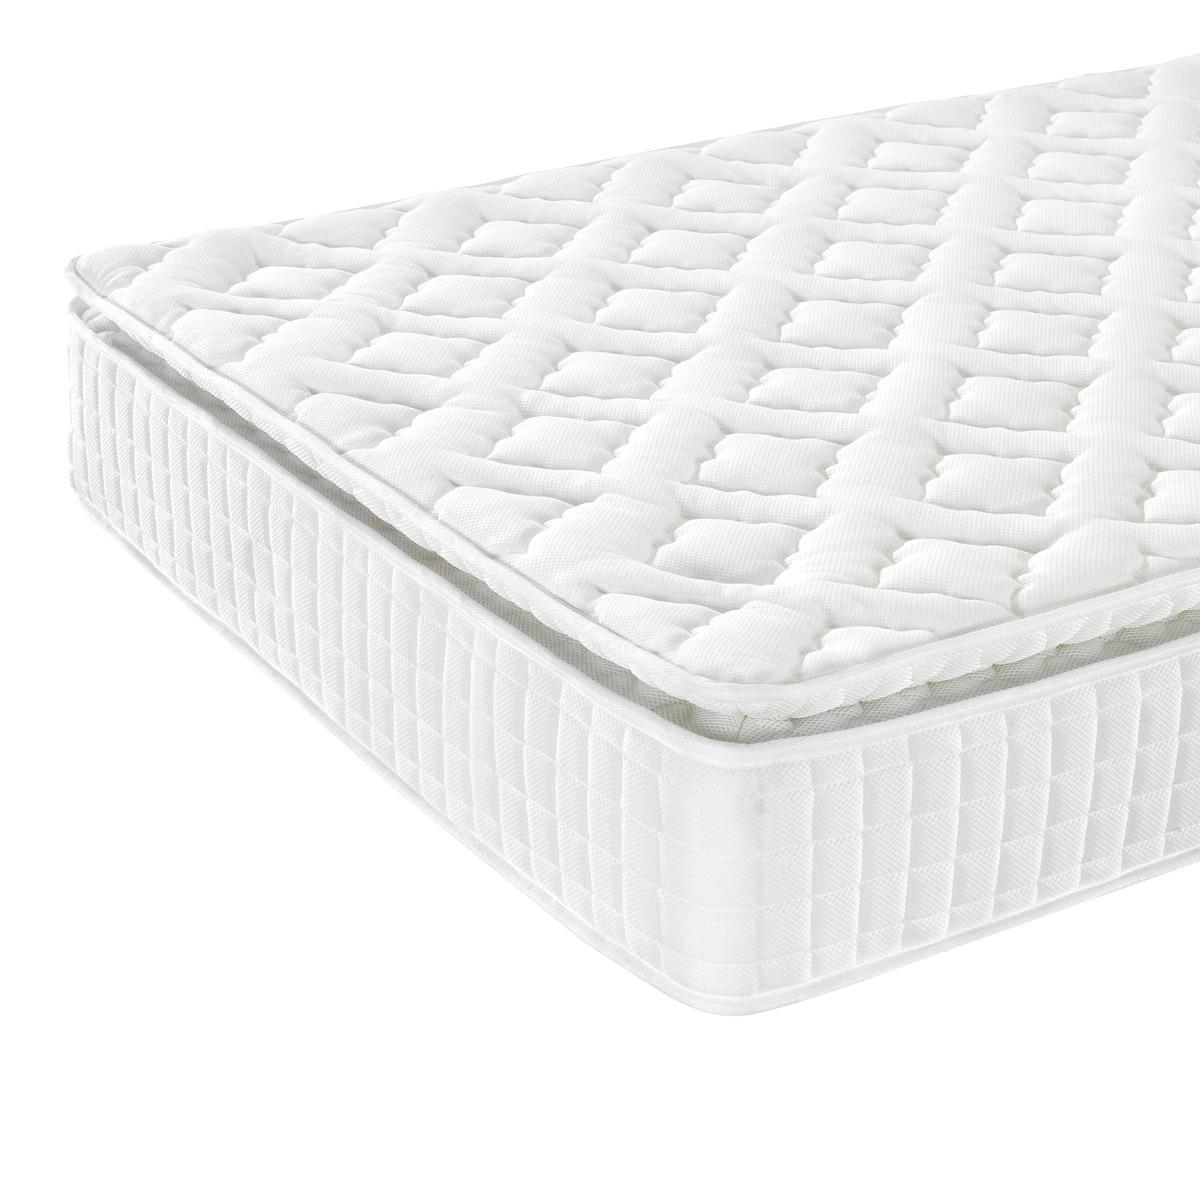 Dream Double Pillow Top Pocket Sprung Mattress